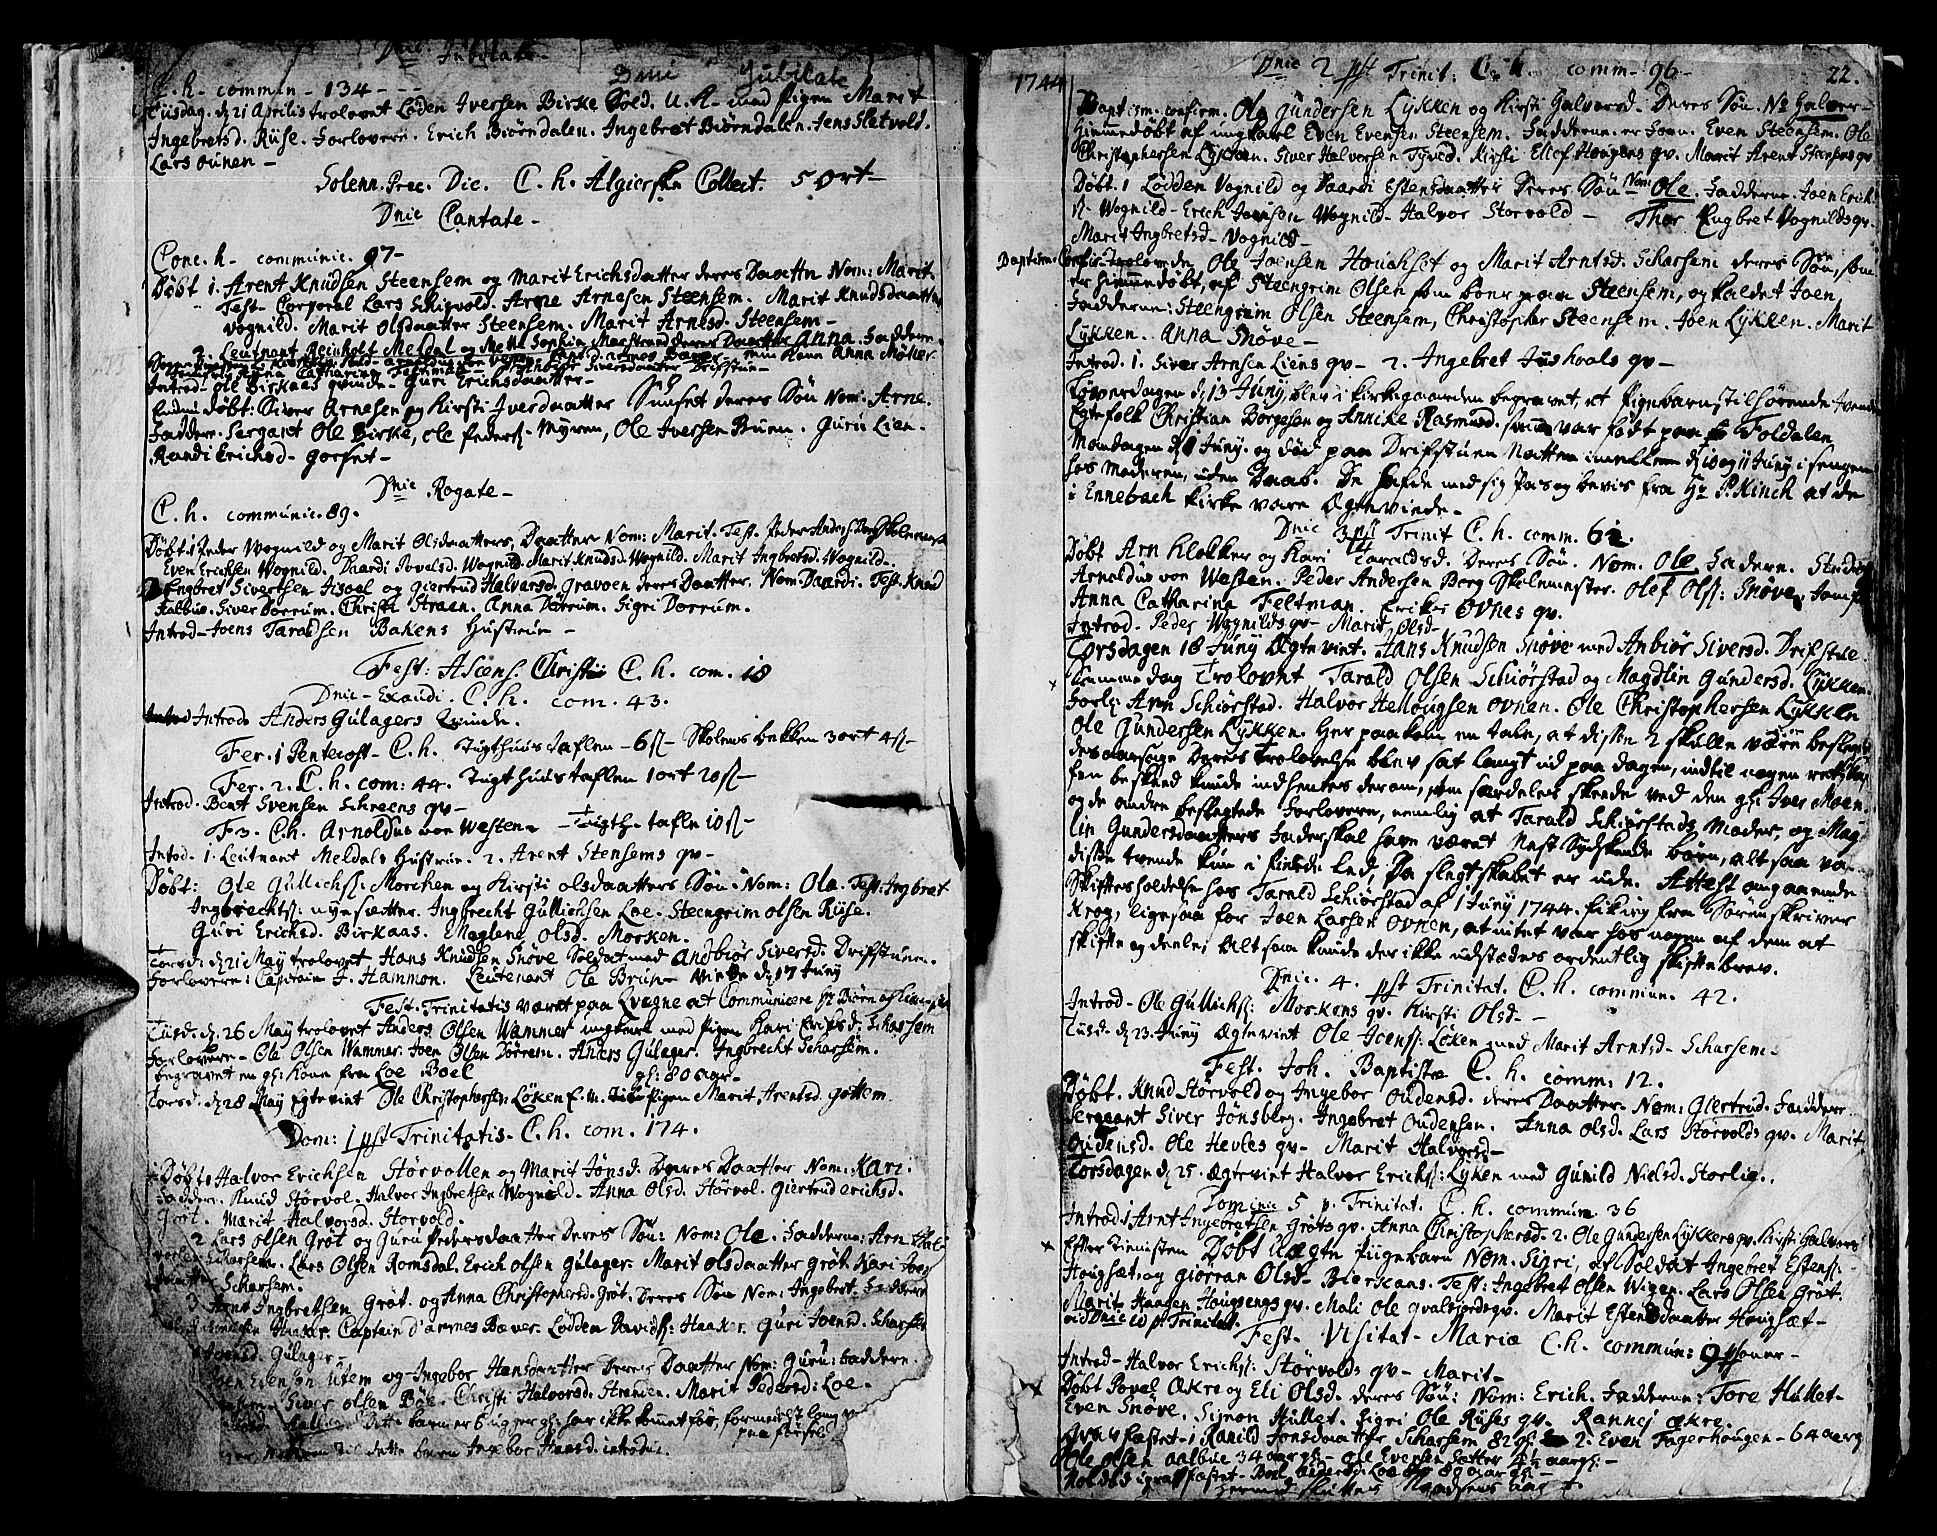 SAT, Ministerialprotokoller, klokkerbøker og fødselsregistre - Sør-Trøndelag, 678/L0891: Ministerialbok nr. 678A01, 1739-1780, s. 22